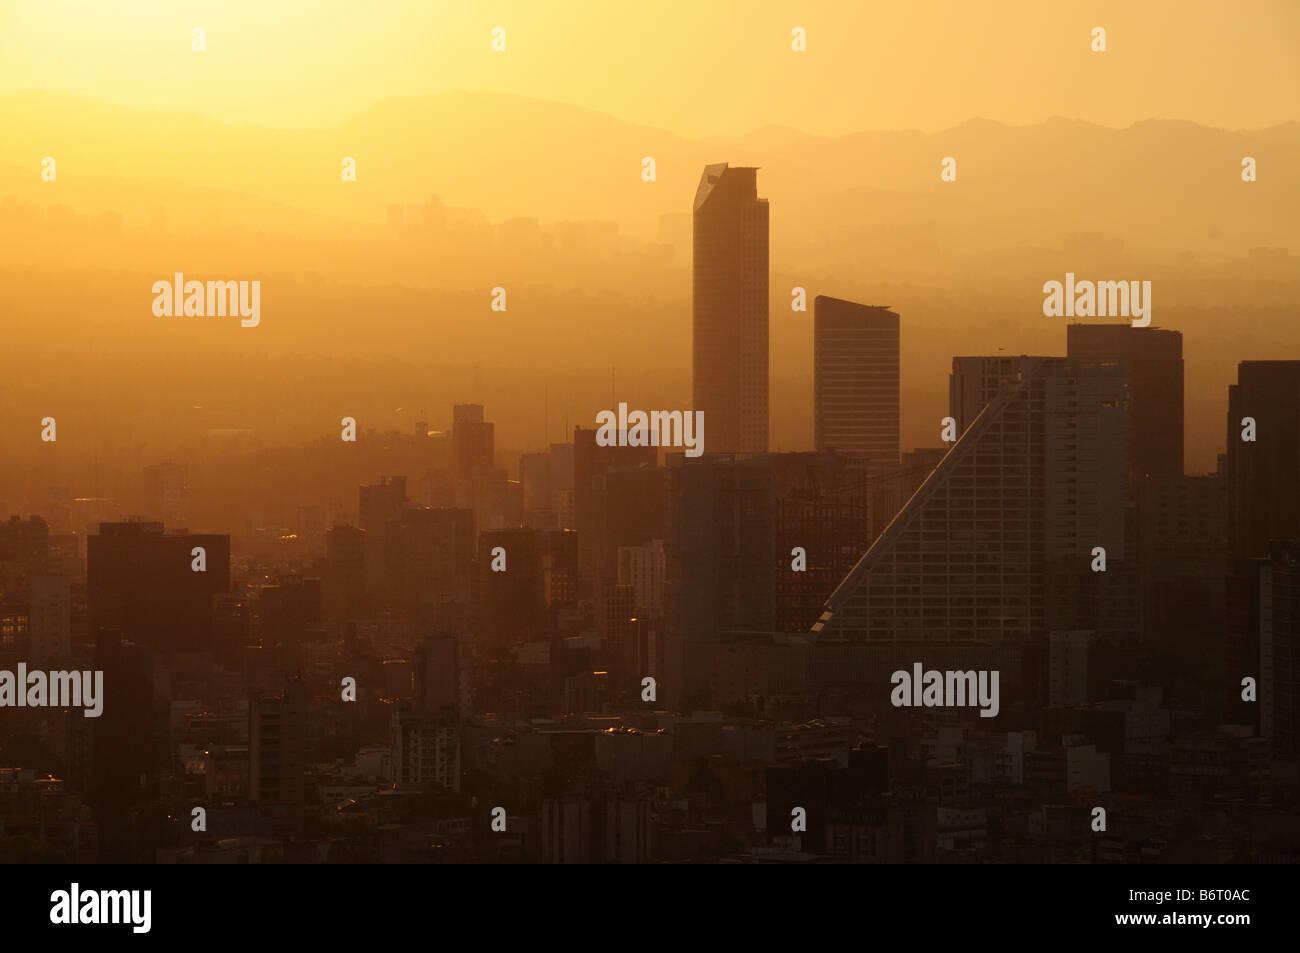 El Smog al atardecer, el horizonte de la Ciudad de México Imagen De Stock